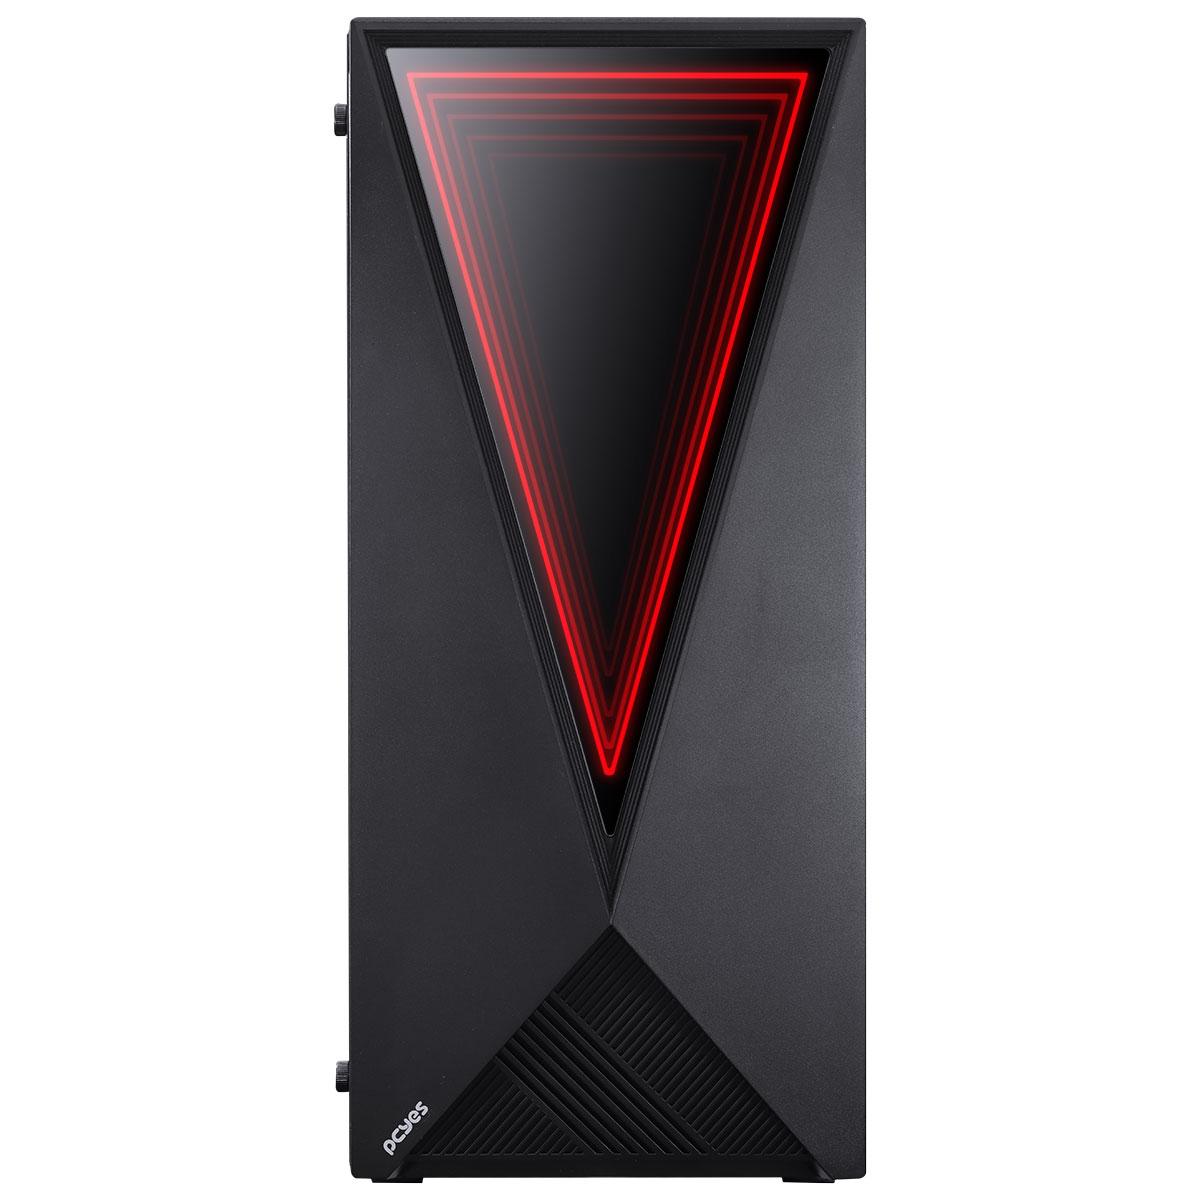 Gabinete Gamer PCYES Vector, Mid Tower, Com 3 Fans, Vidro Temperado, Black, Sem Fonte, VCPTRGB3FV